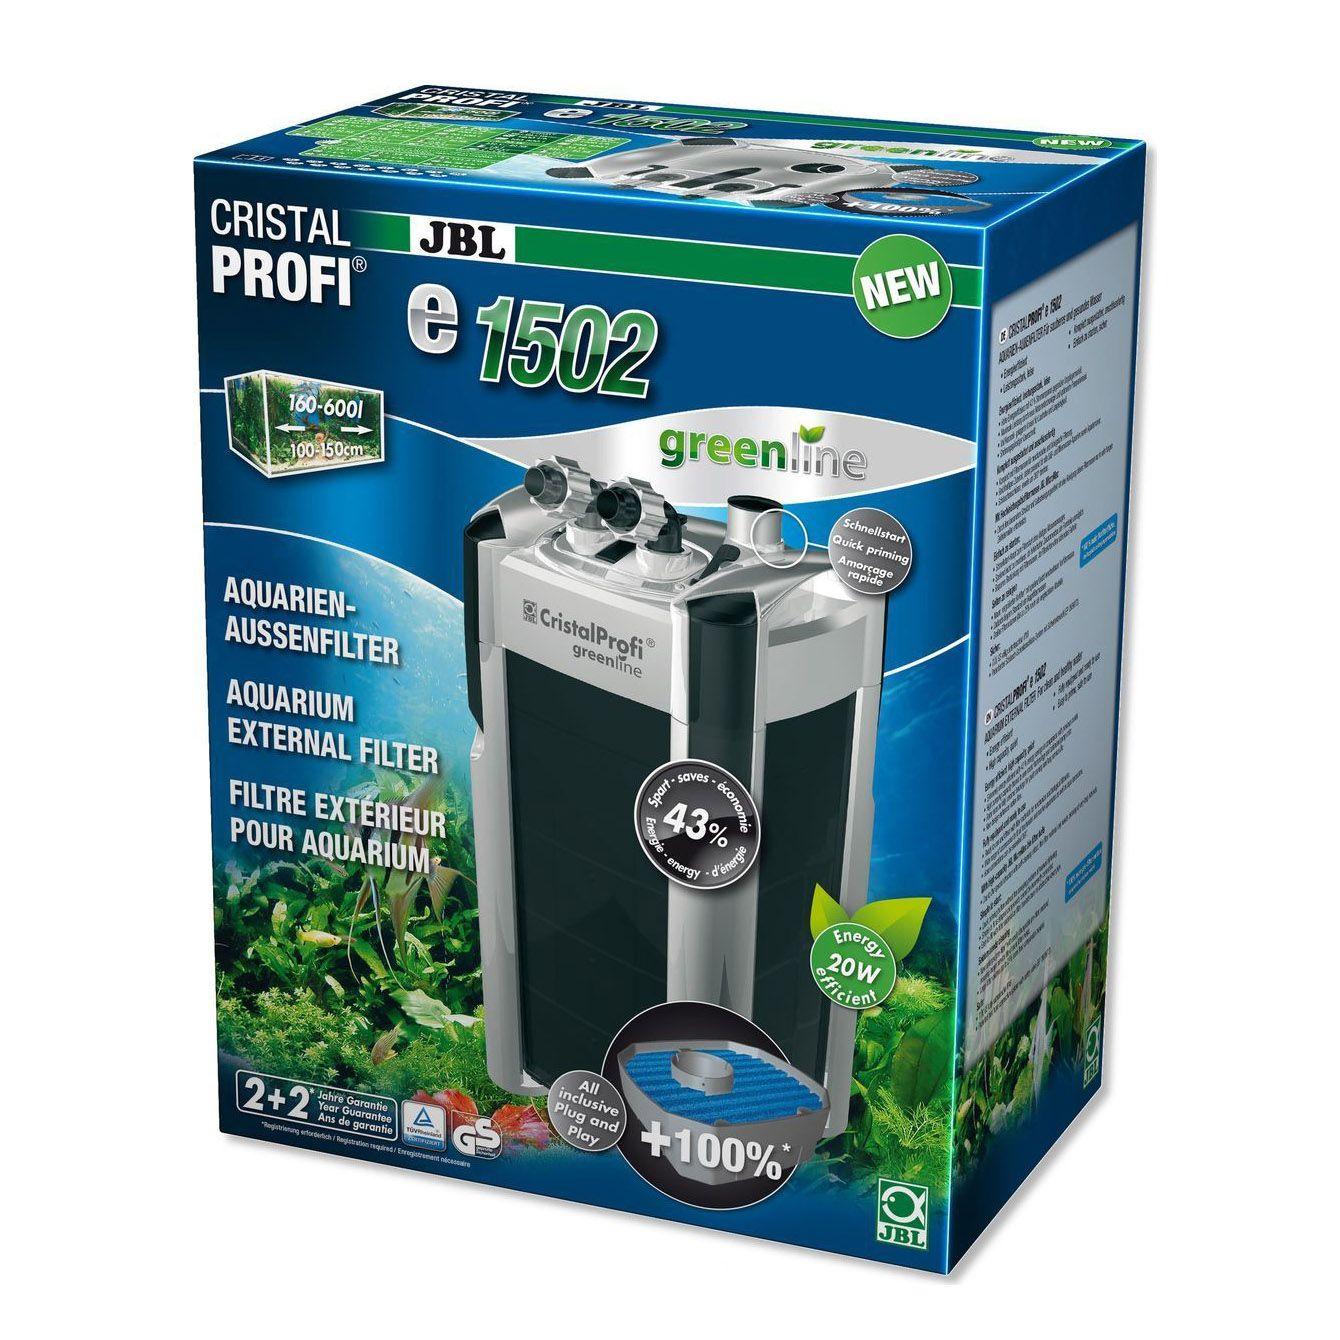 Фильтр JBL CristalProfi e1502 greenline - Эконом. внешний фильтр для аквариумов от 200 до 700л все цены